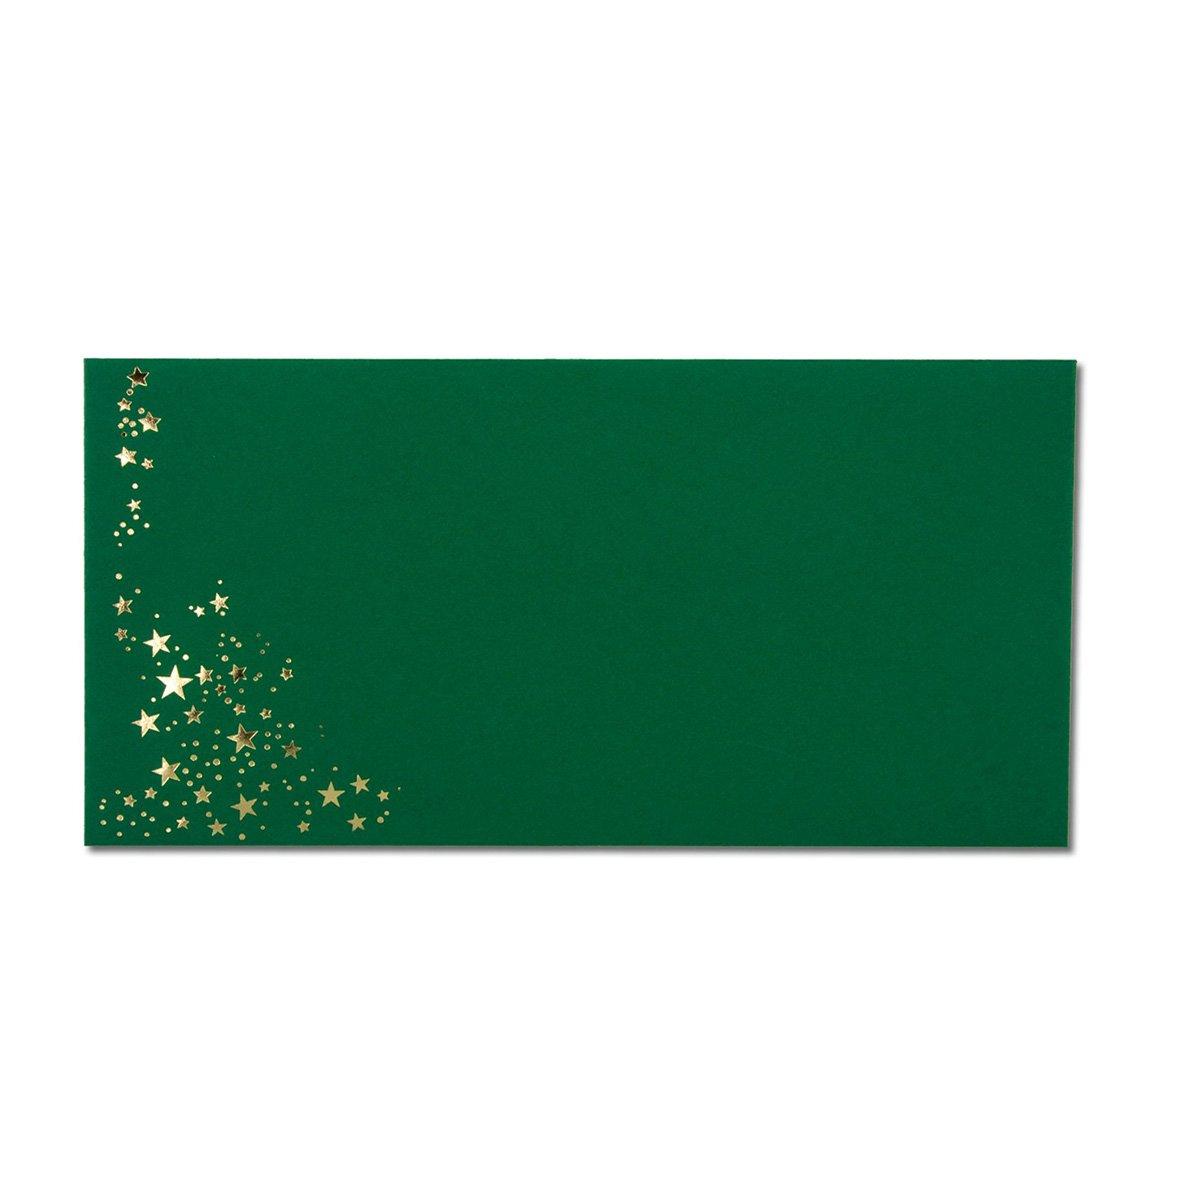 300x Weihnachts-Briefumschläge     DIN Lang   mit Gold-Metallic geprägtem Sternenregen   Farbe  dunkelrot, Nassklebung, 120 g m²   110 x 220 mm   Marke  GUSTAV NEUSER® B07CJX1YGB | Erlesene Materialien  | Online Shop Europe  | Rich-pünk 4bc4b6